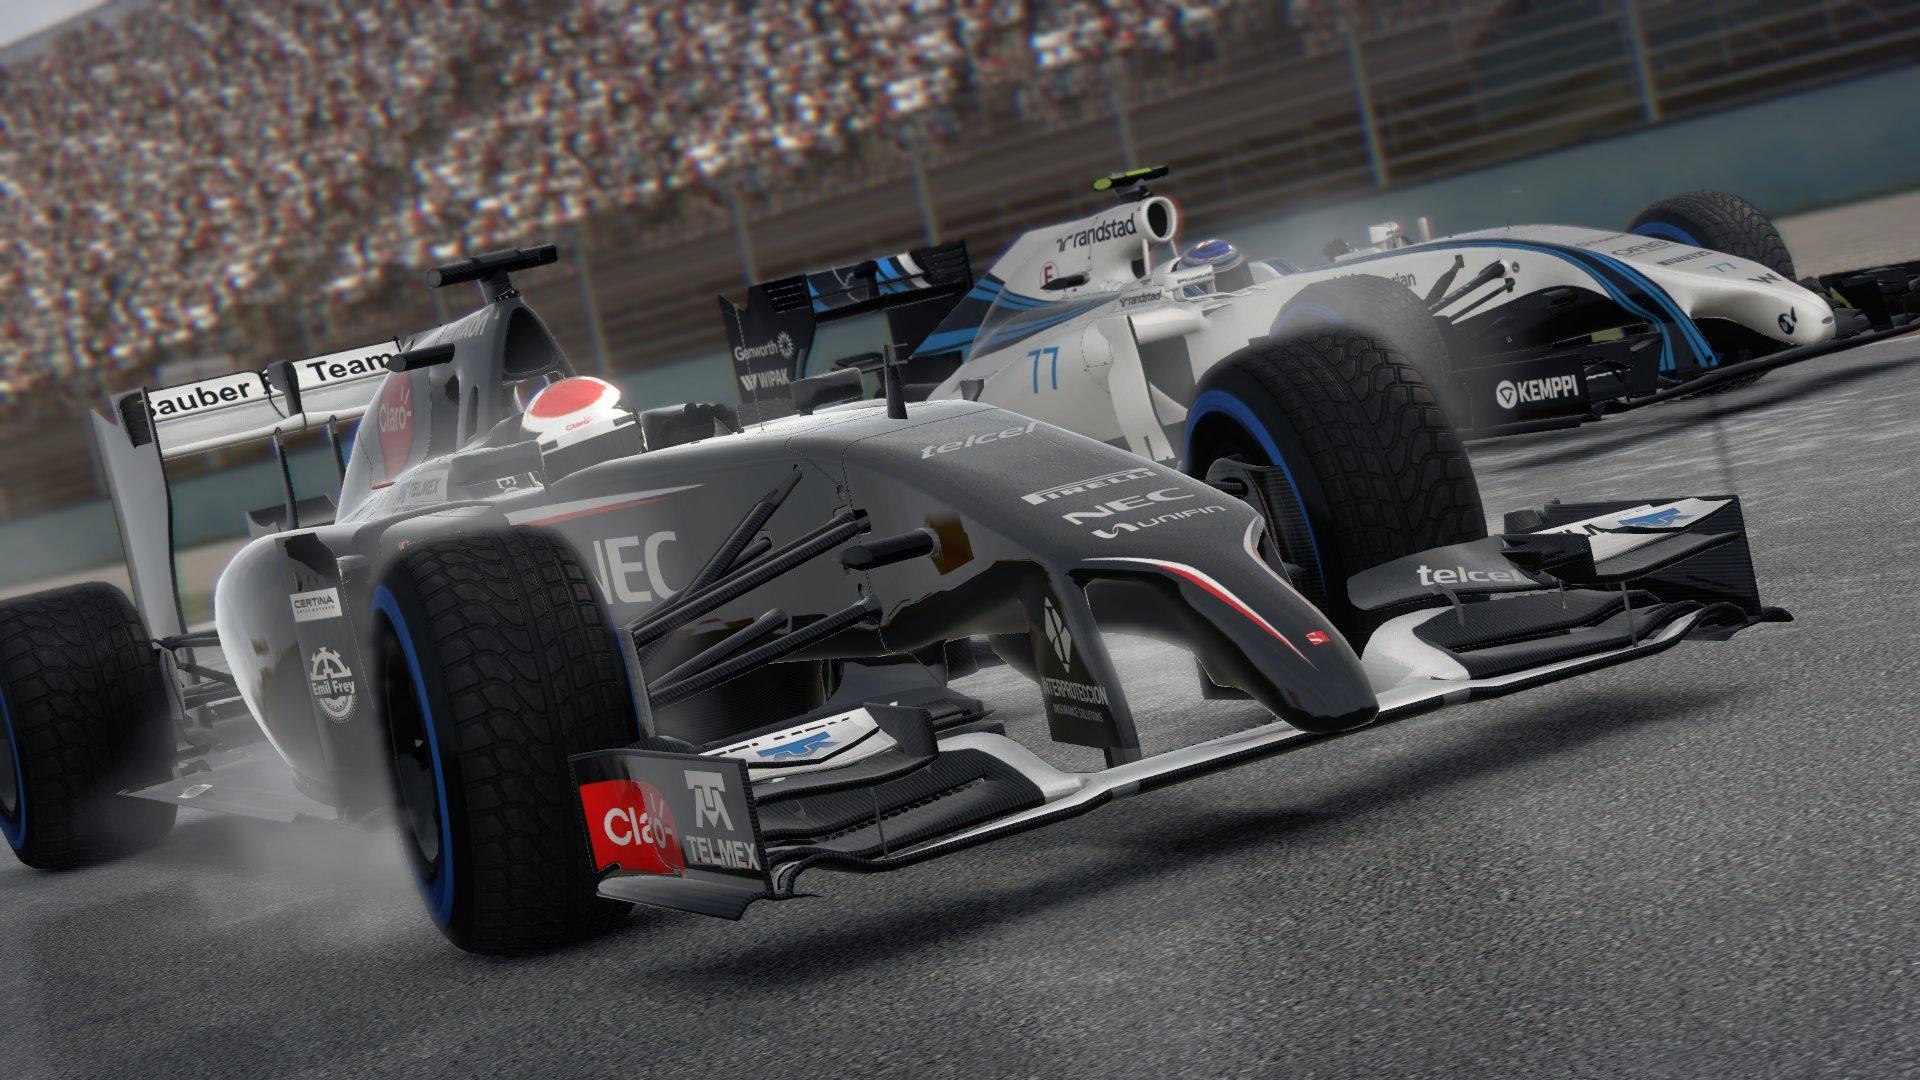 F1 2014 (Formula 1) - PlayStation 3 by Bandai (Image #19)